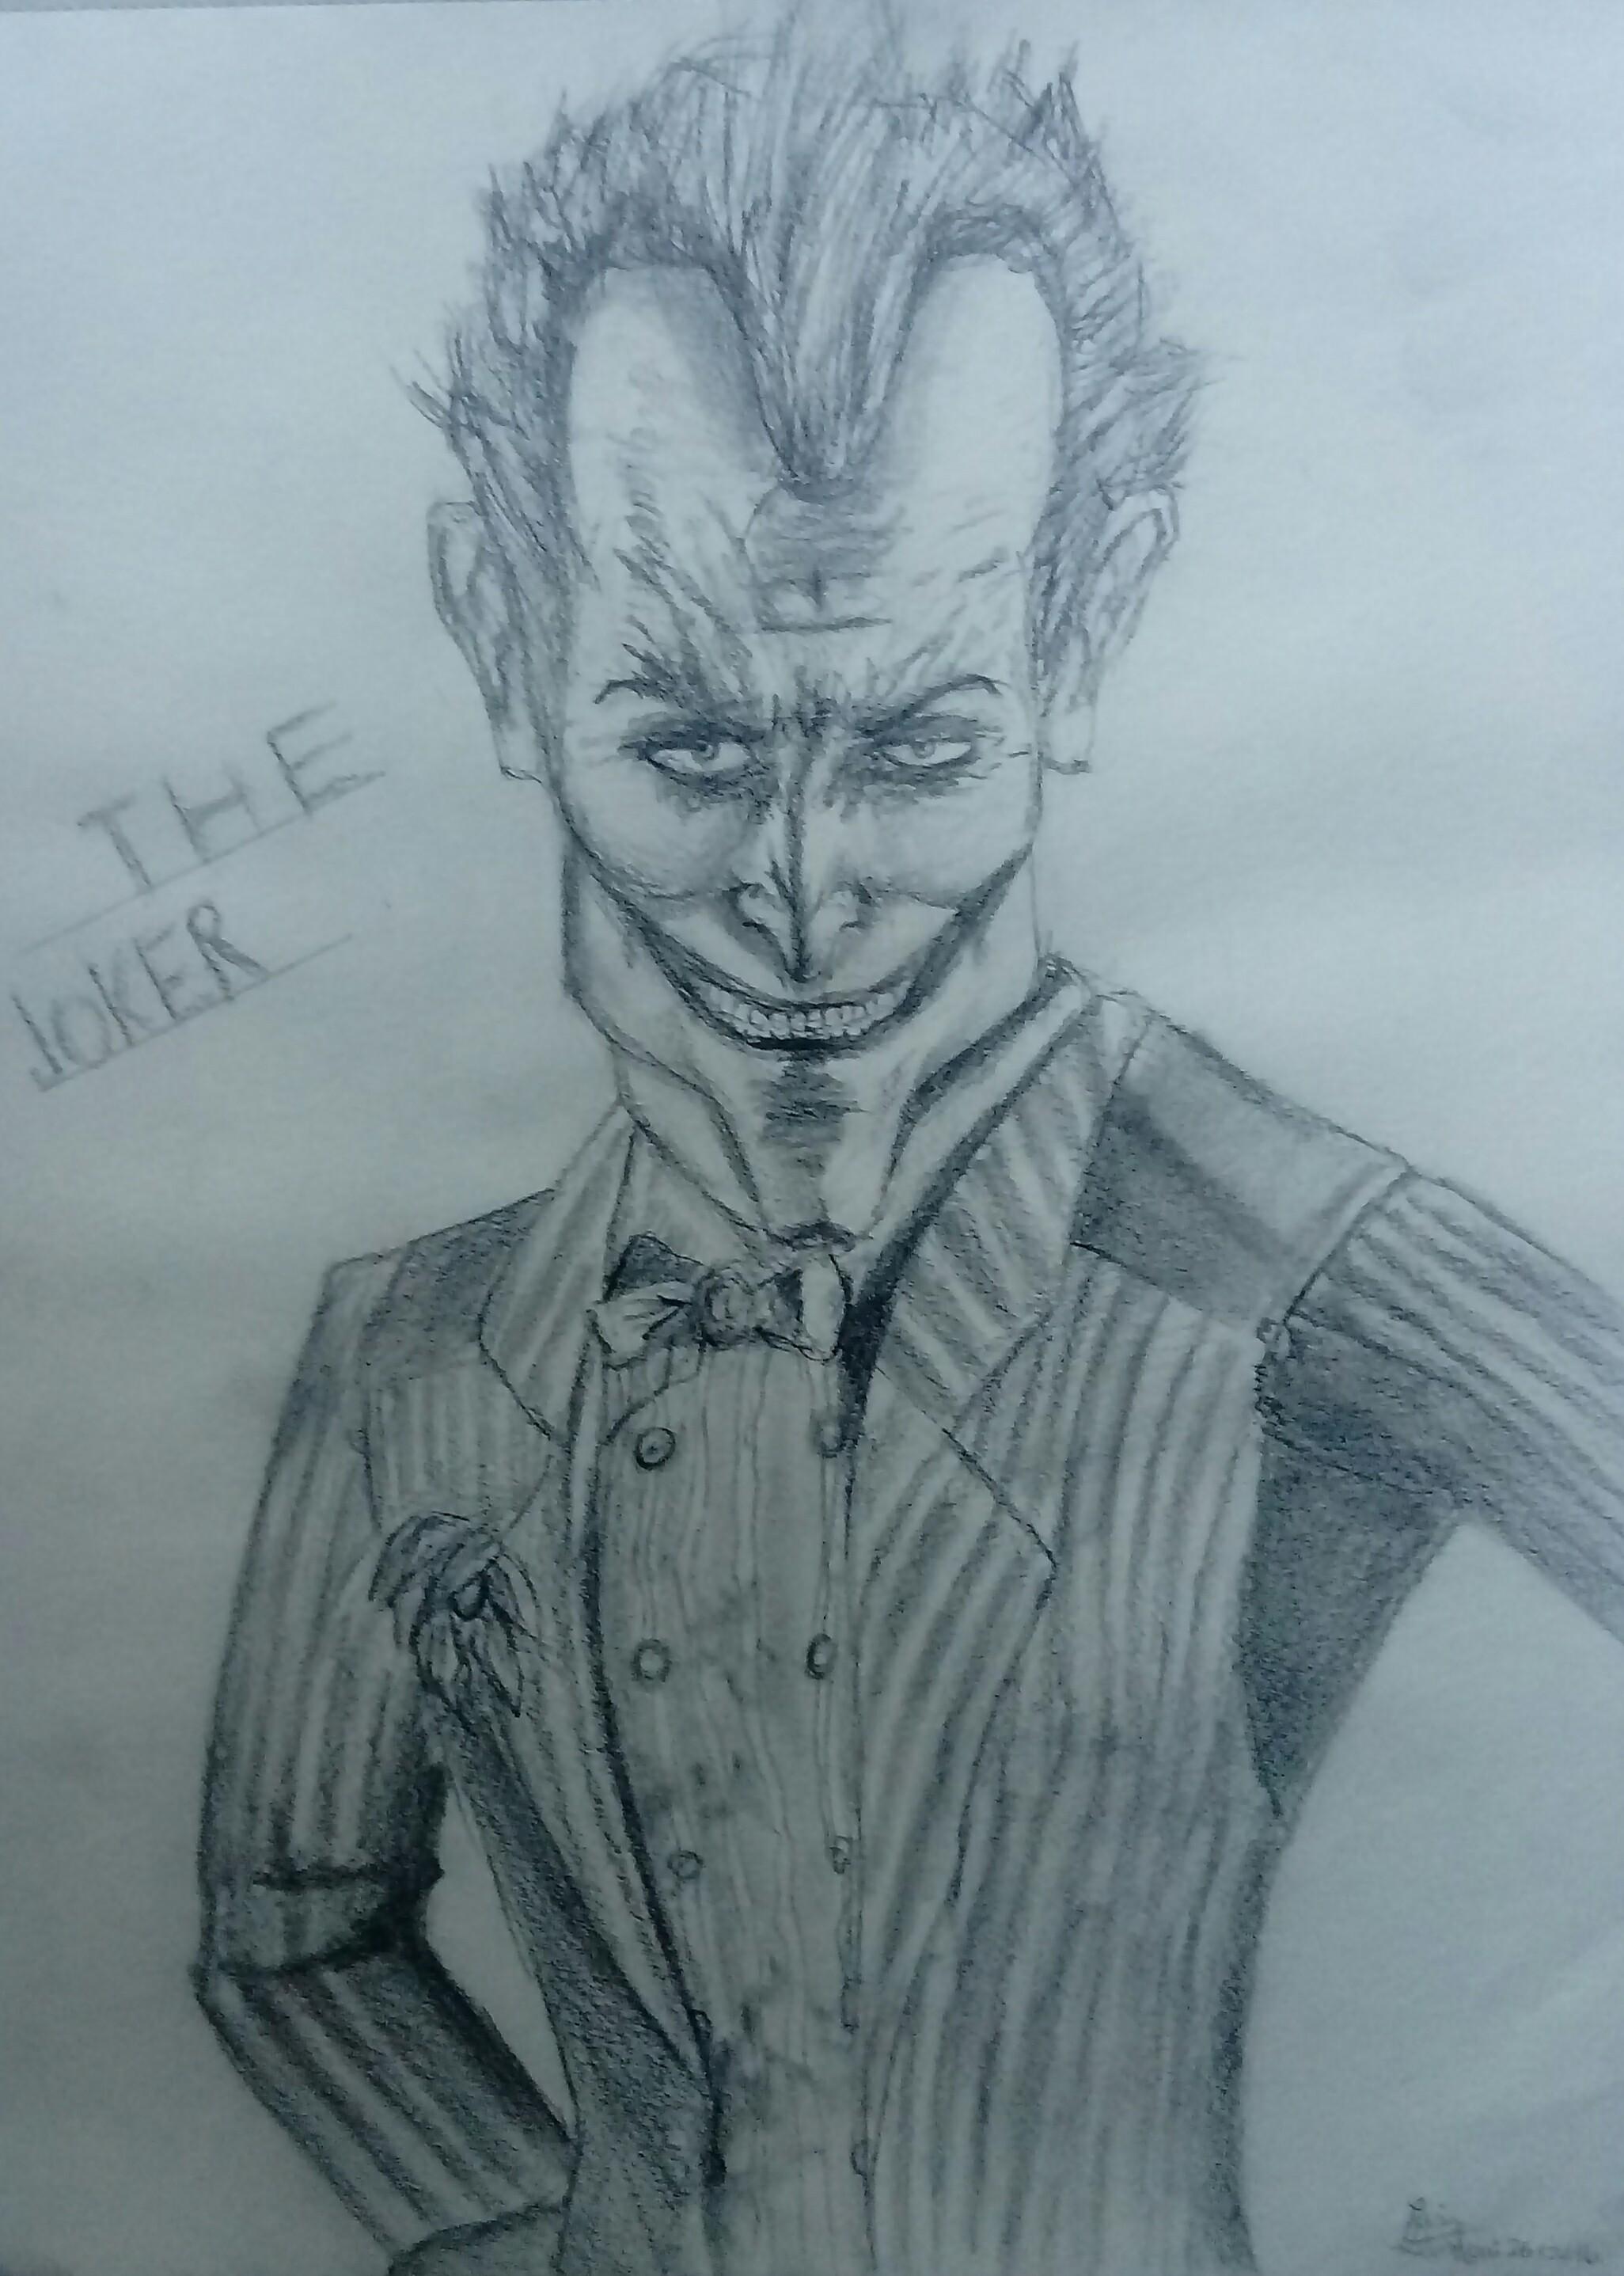 The Joker Batman Arkham City